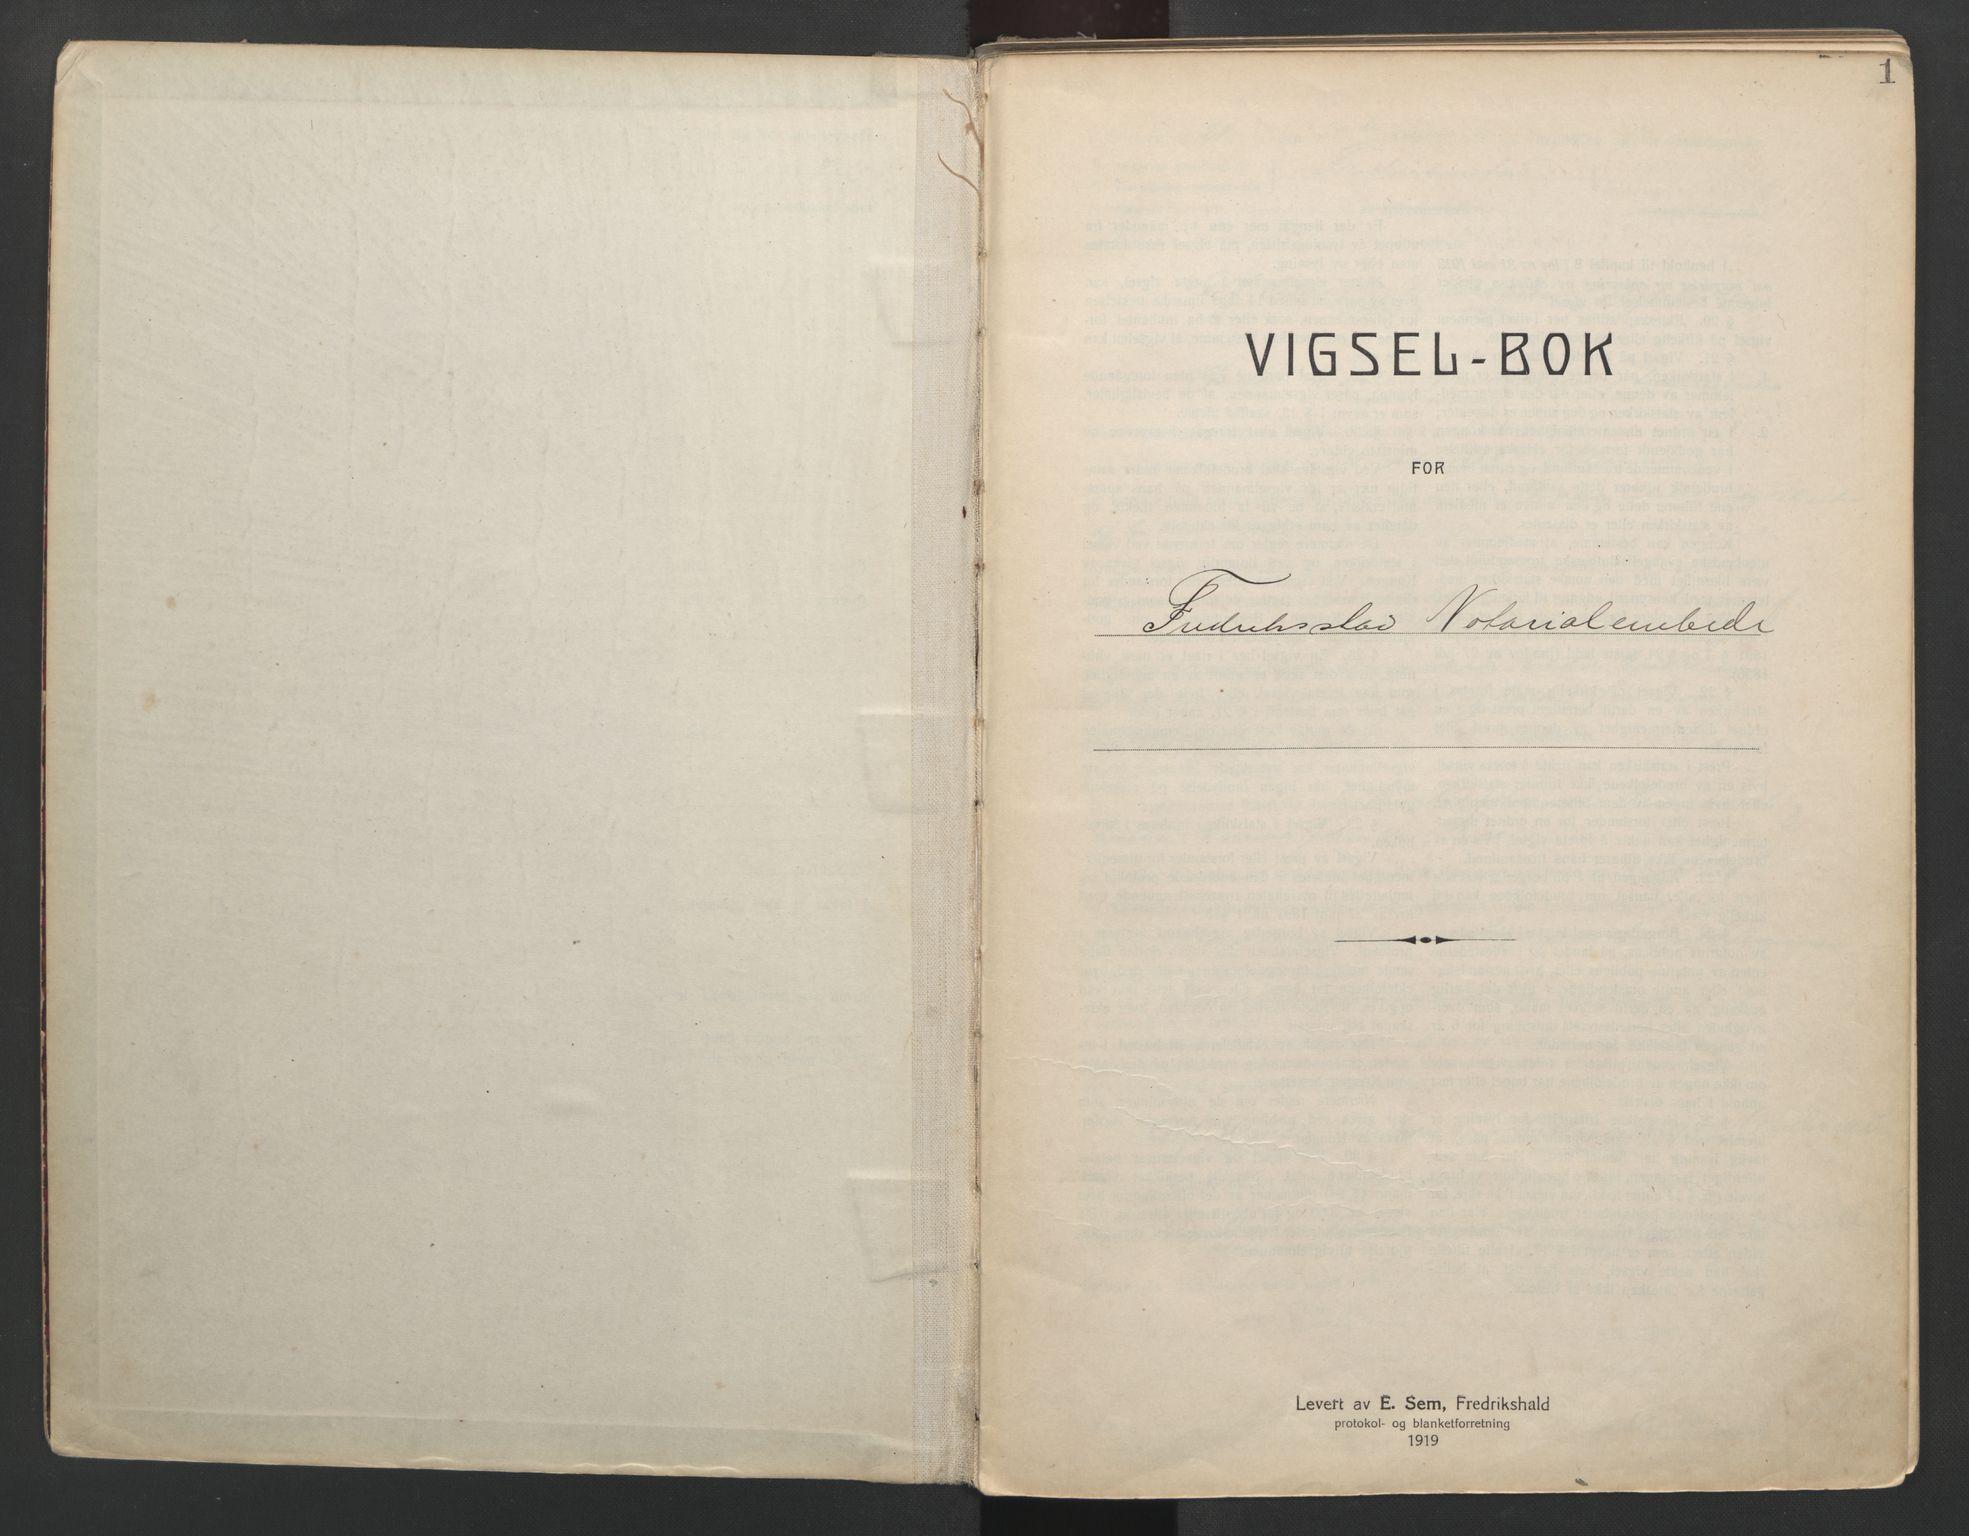 SAO, Fredrikstad byfogd, L/Lc/L0001: Vigselsbok, 1920-1937, s. 1